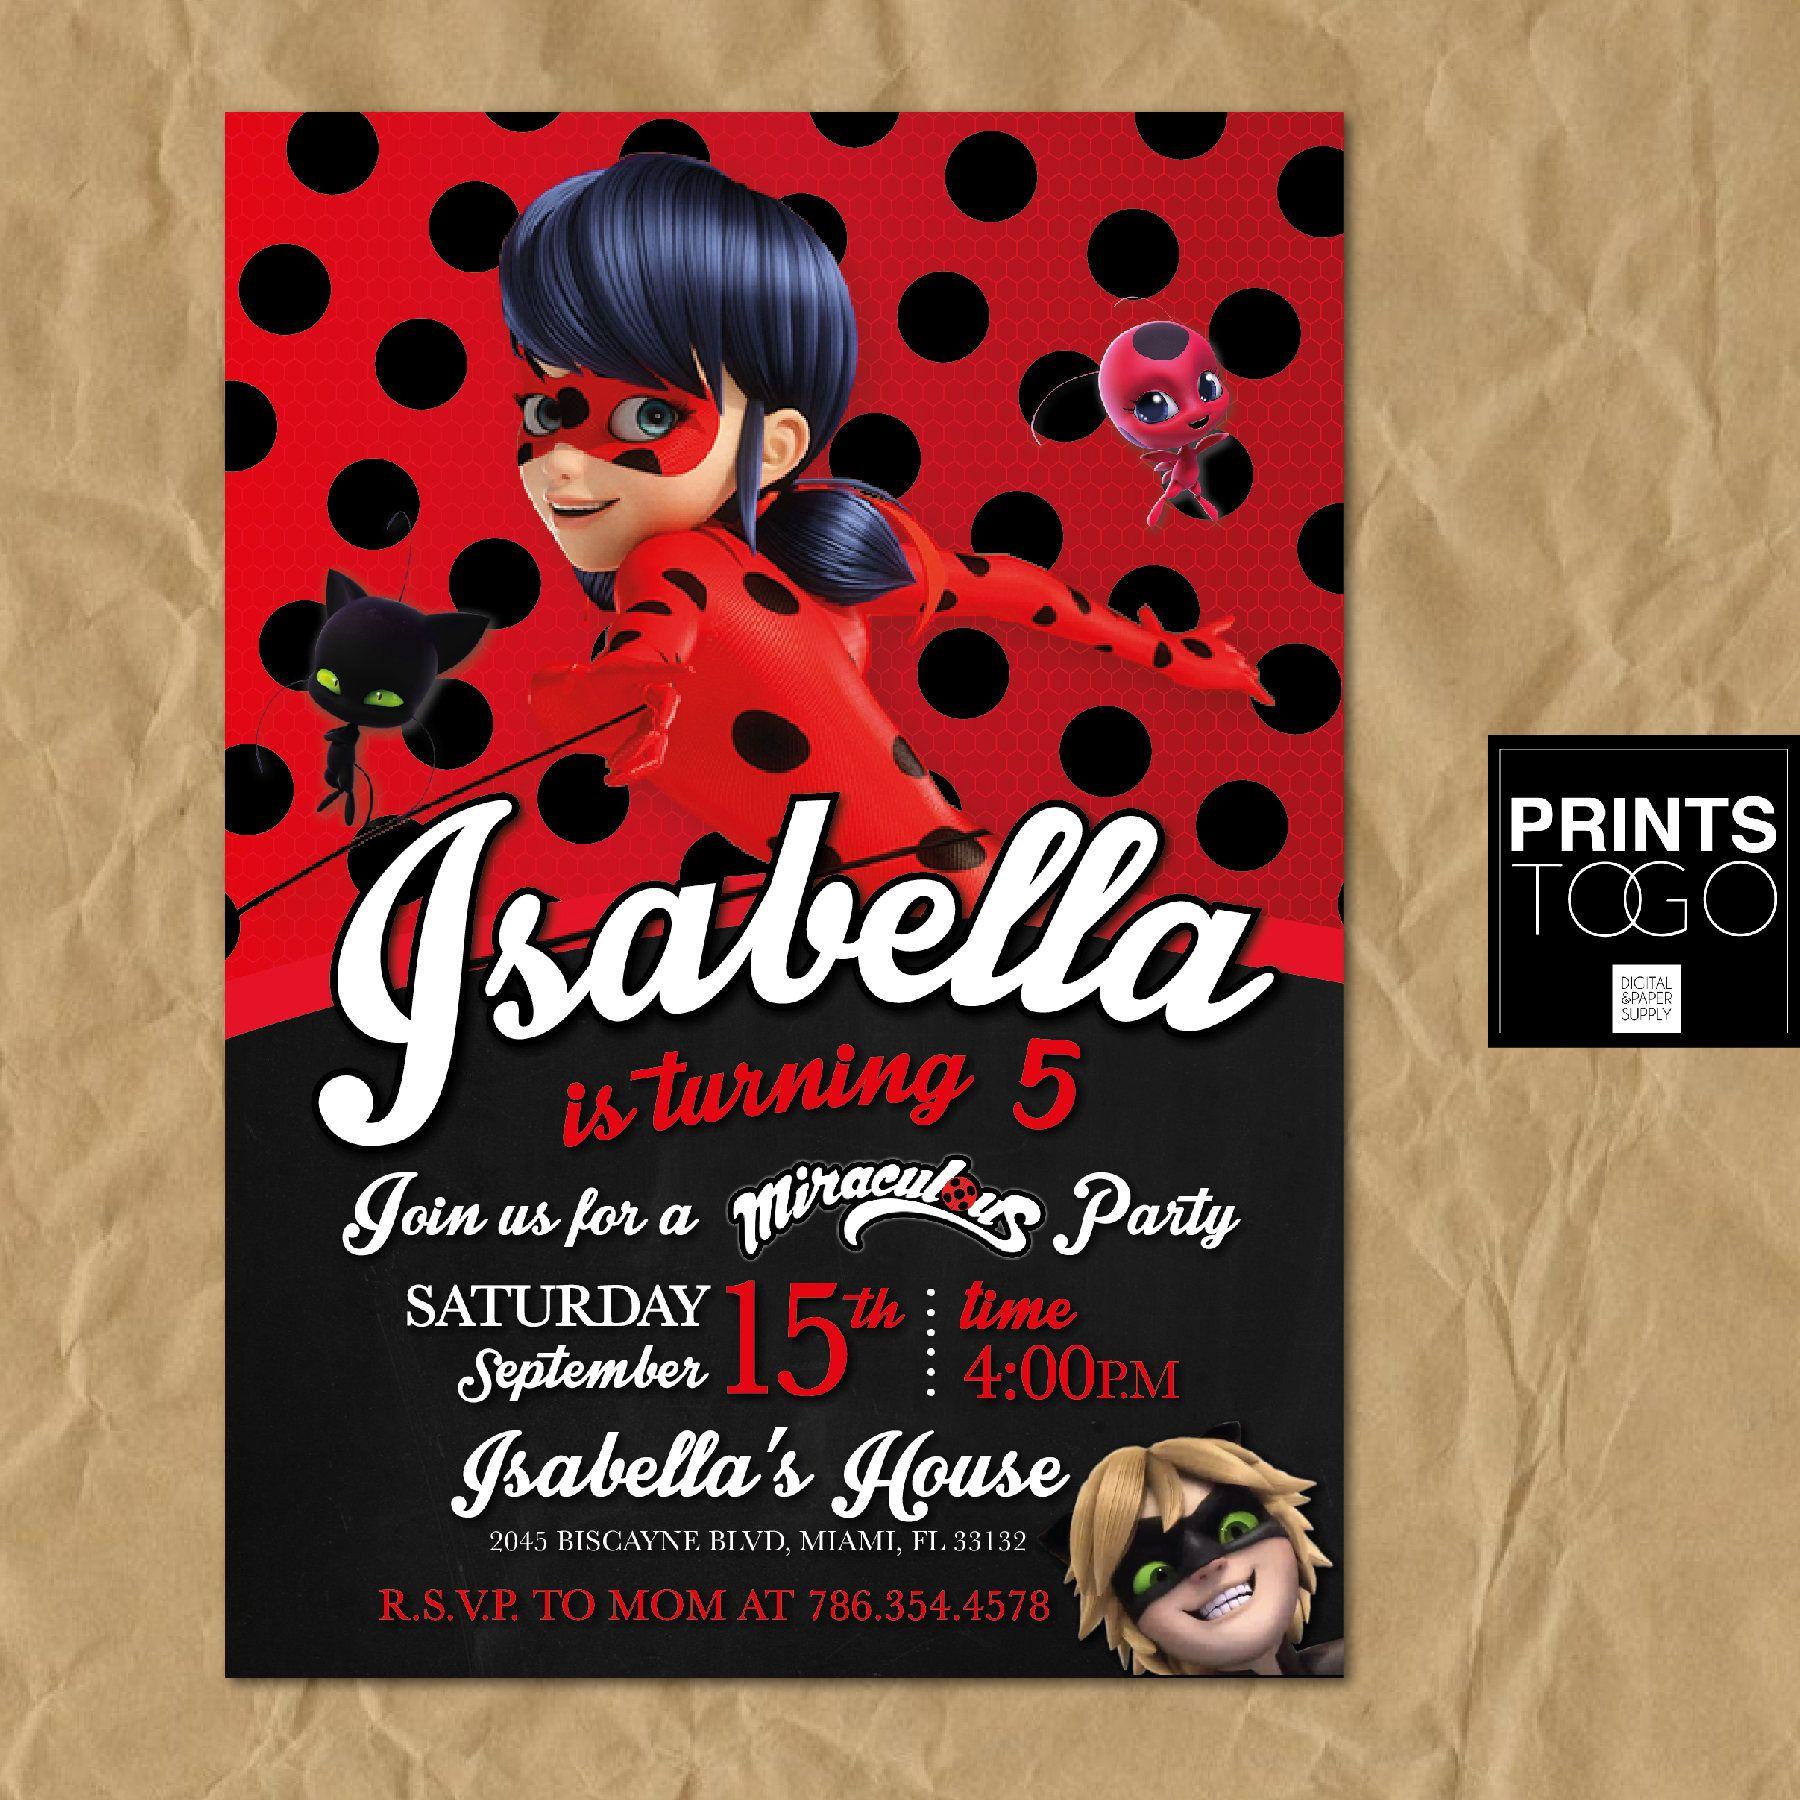 Miraculous Ladybug Invitation, Digital Printable Invite ...